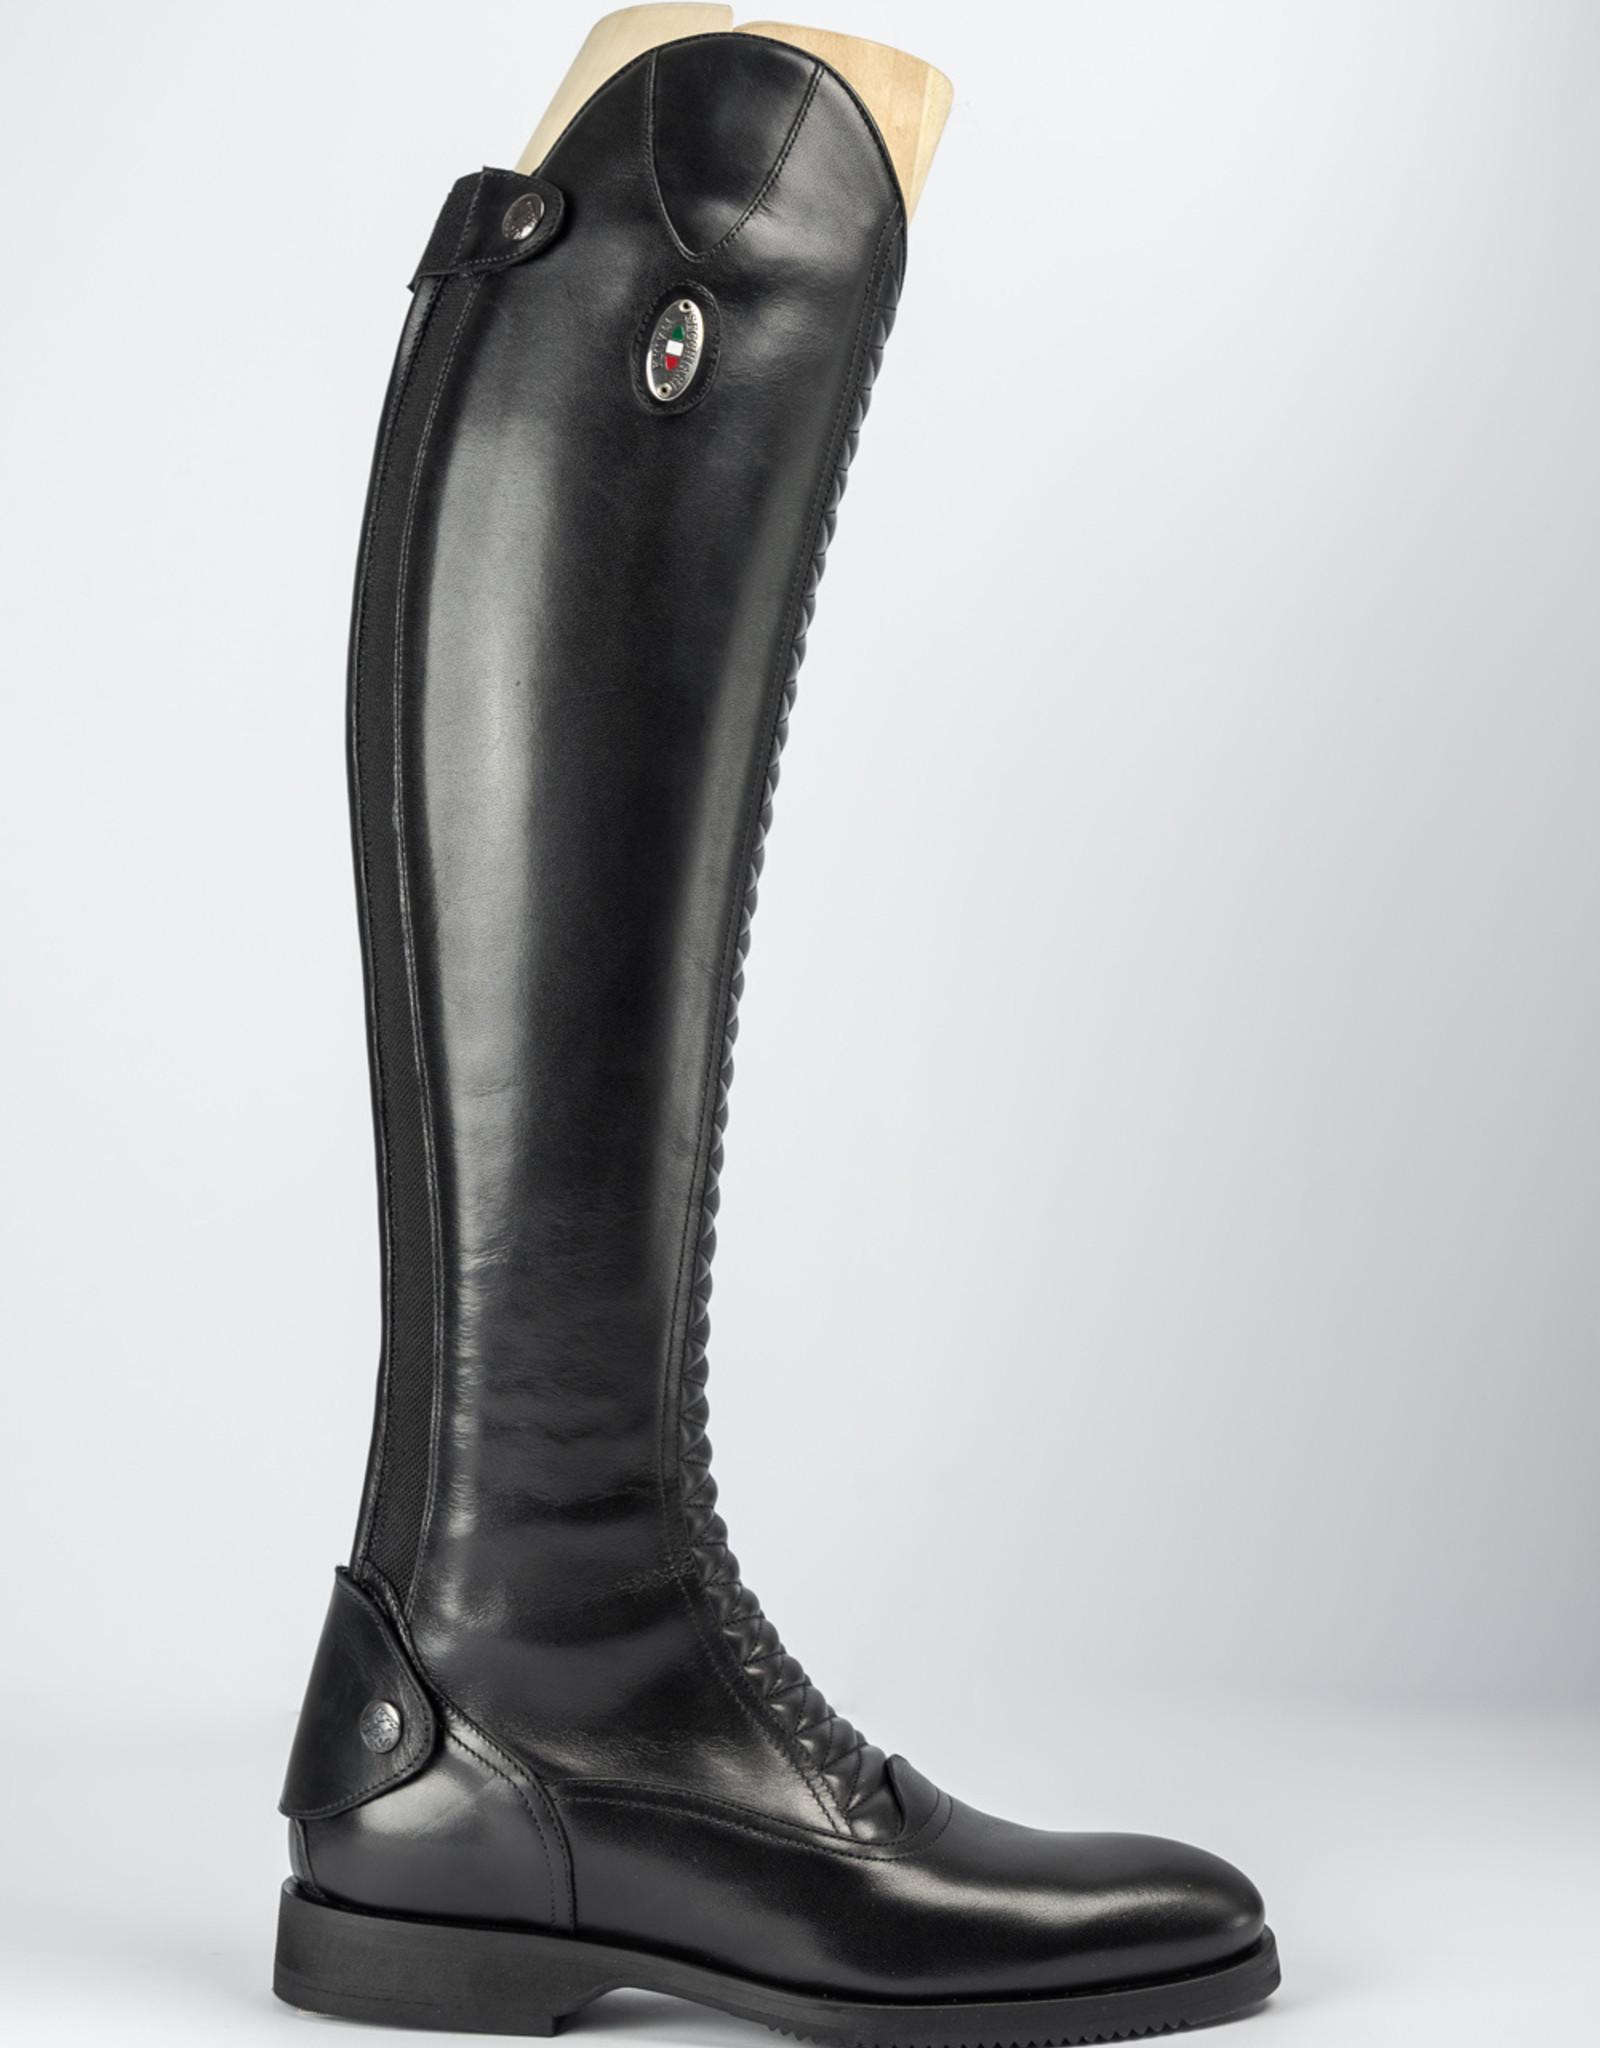 Secchiari Secchiari Ladies' Athena Dress Tall Boot